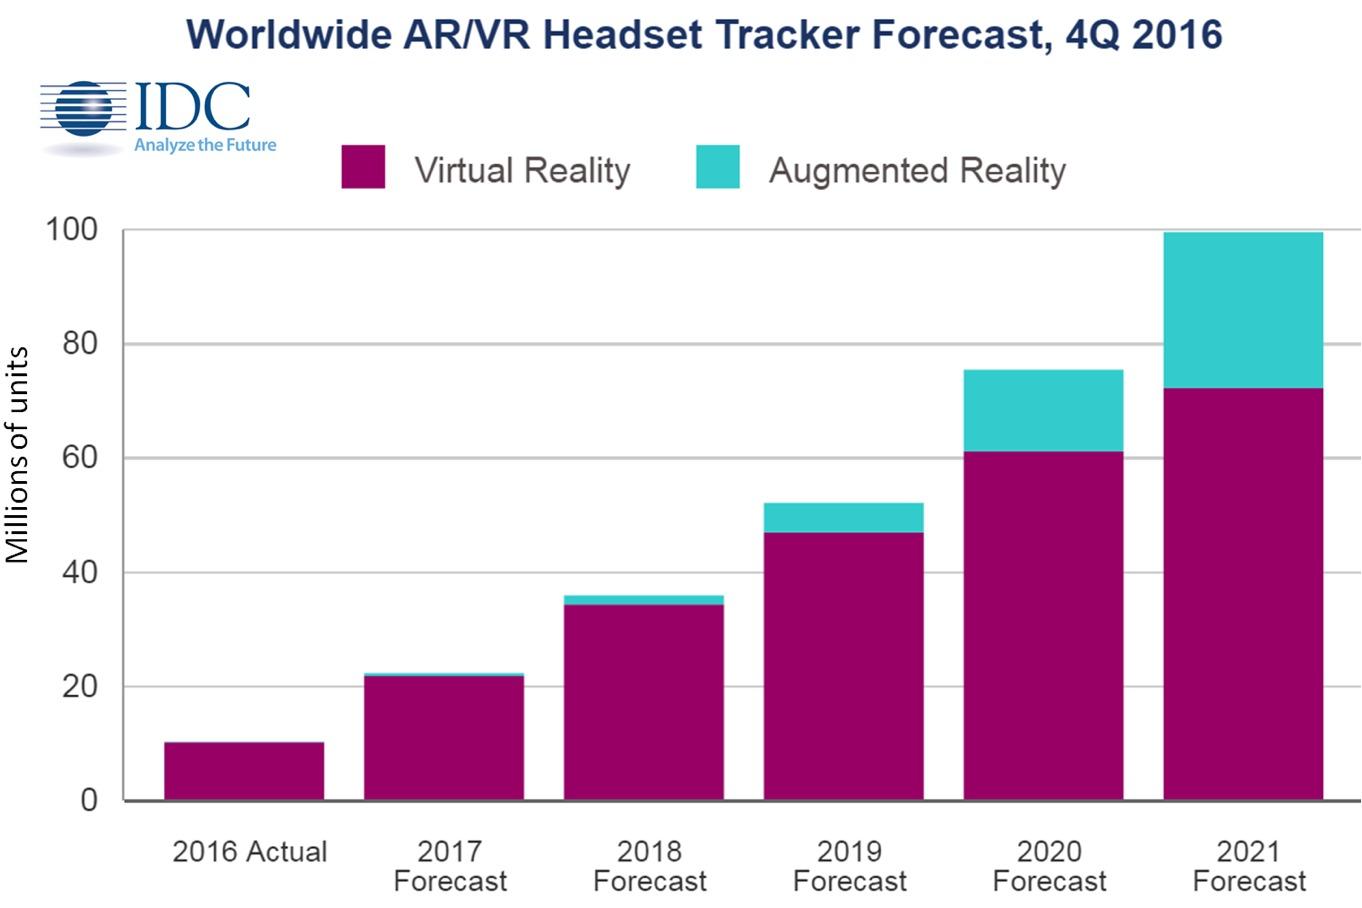 VR Headset Forecast